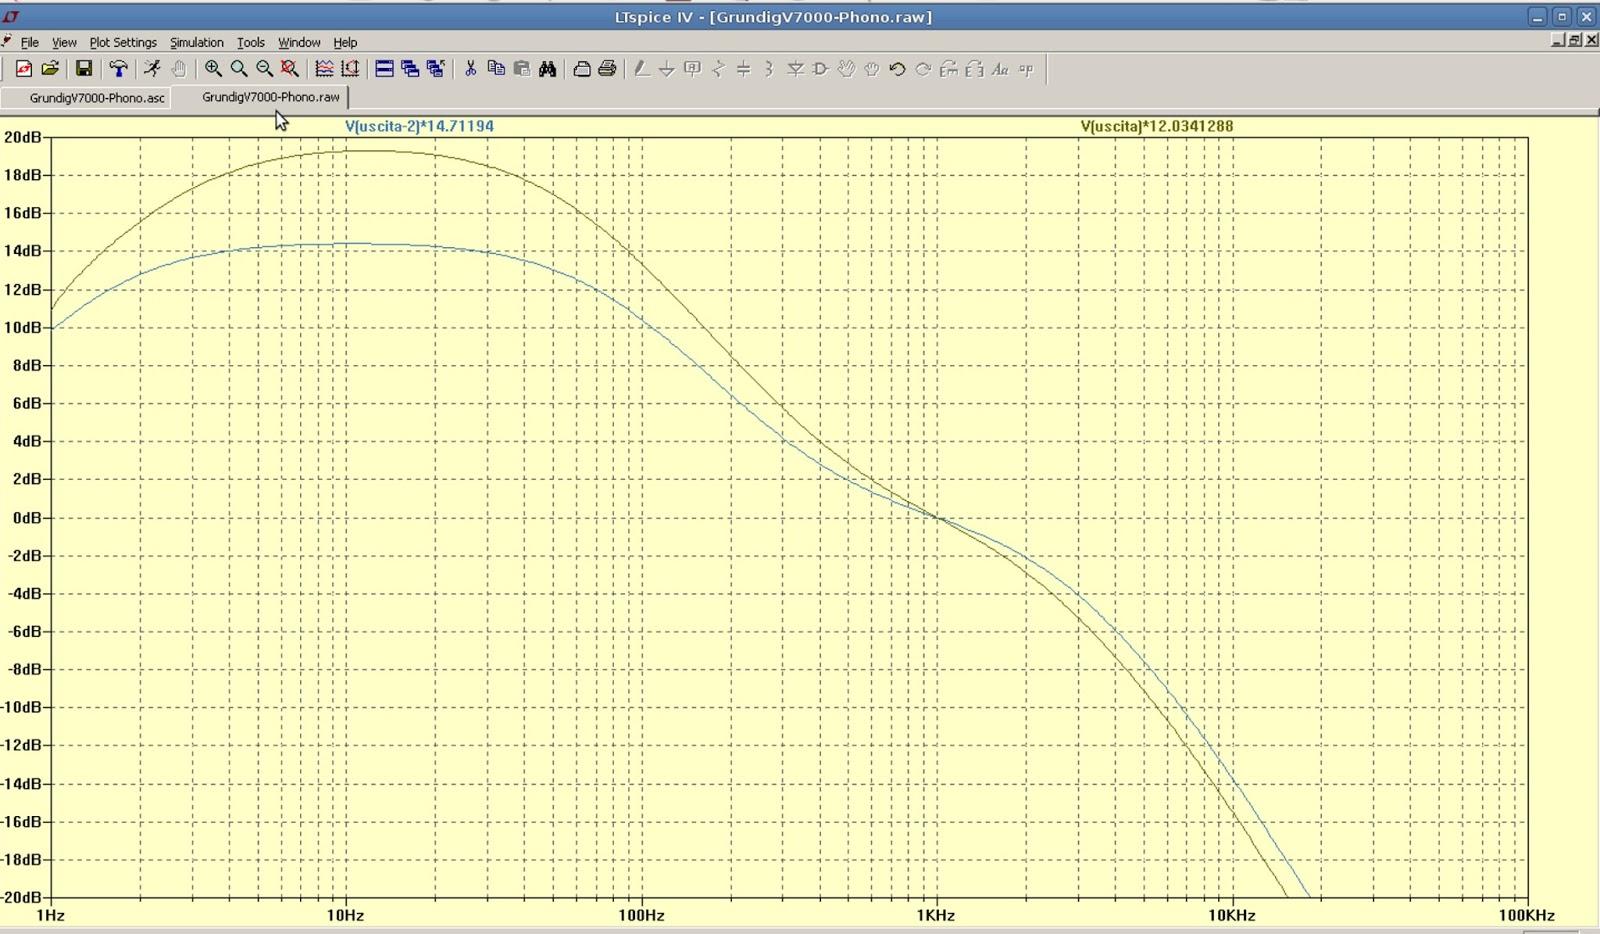 PhonoV7000_vs_RIAA-Graph